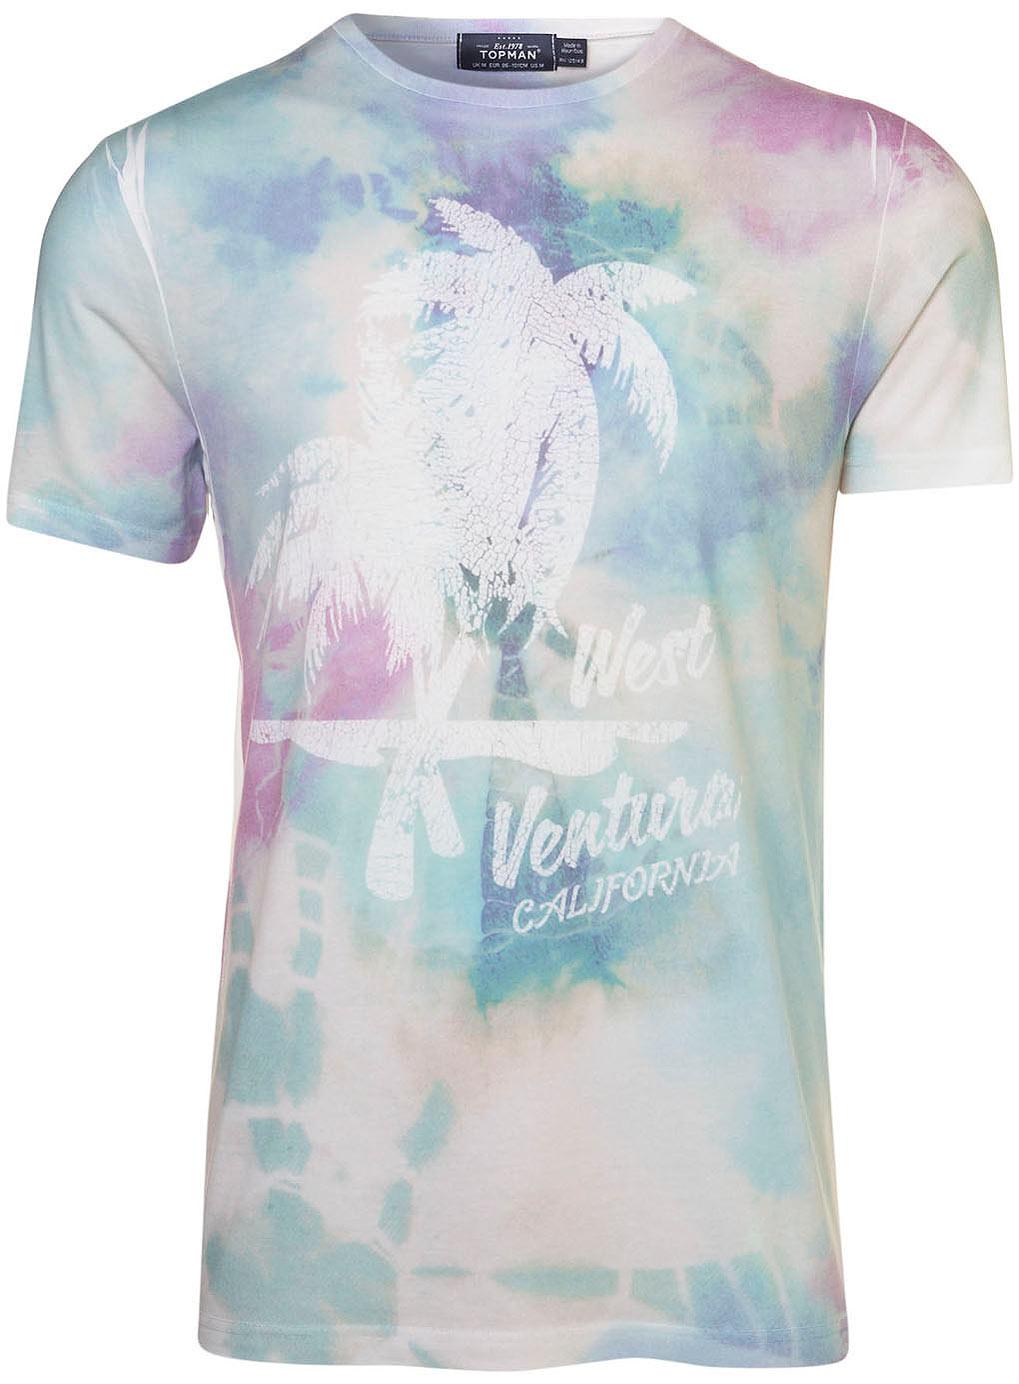 Topman tie dye palm sublimation tee in multicolor for men multi lyst for Dye sublimation t shirt